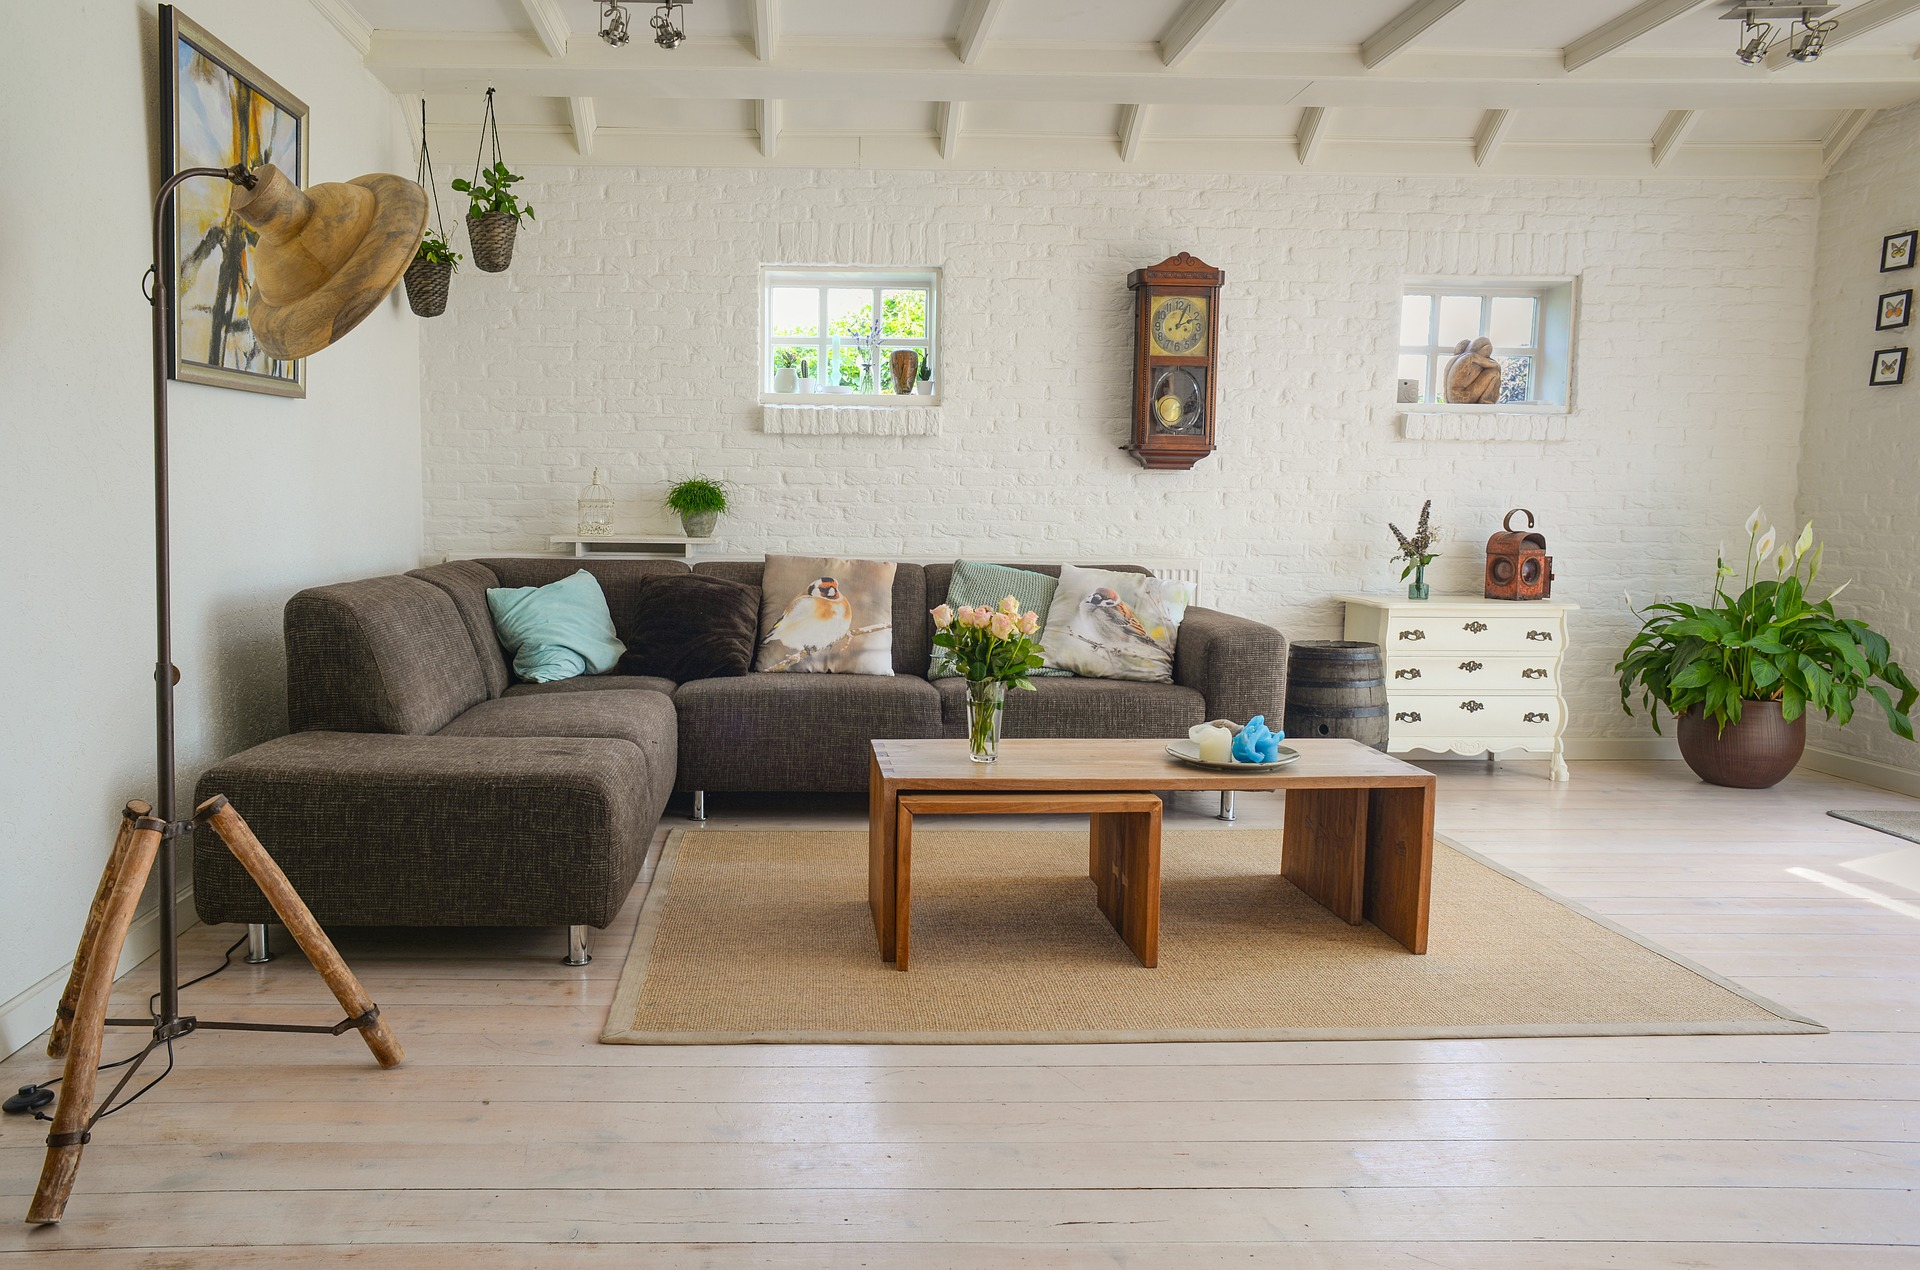 https://pixabay.com/photos/living-room-couch-interior-room-2732939/